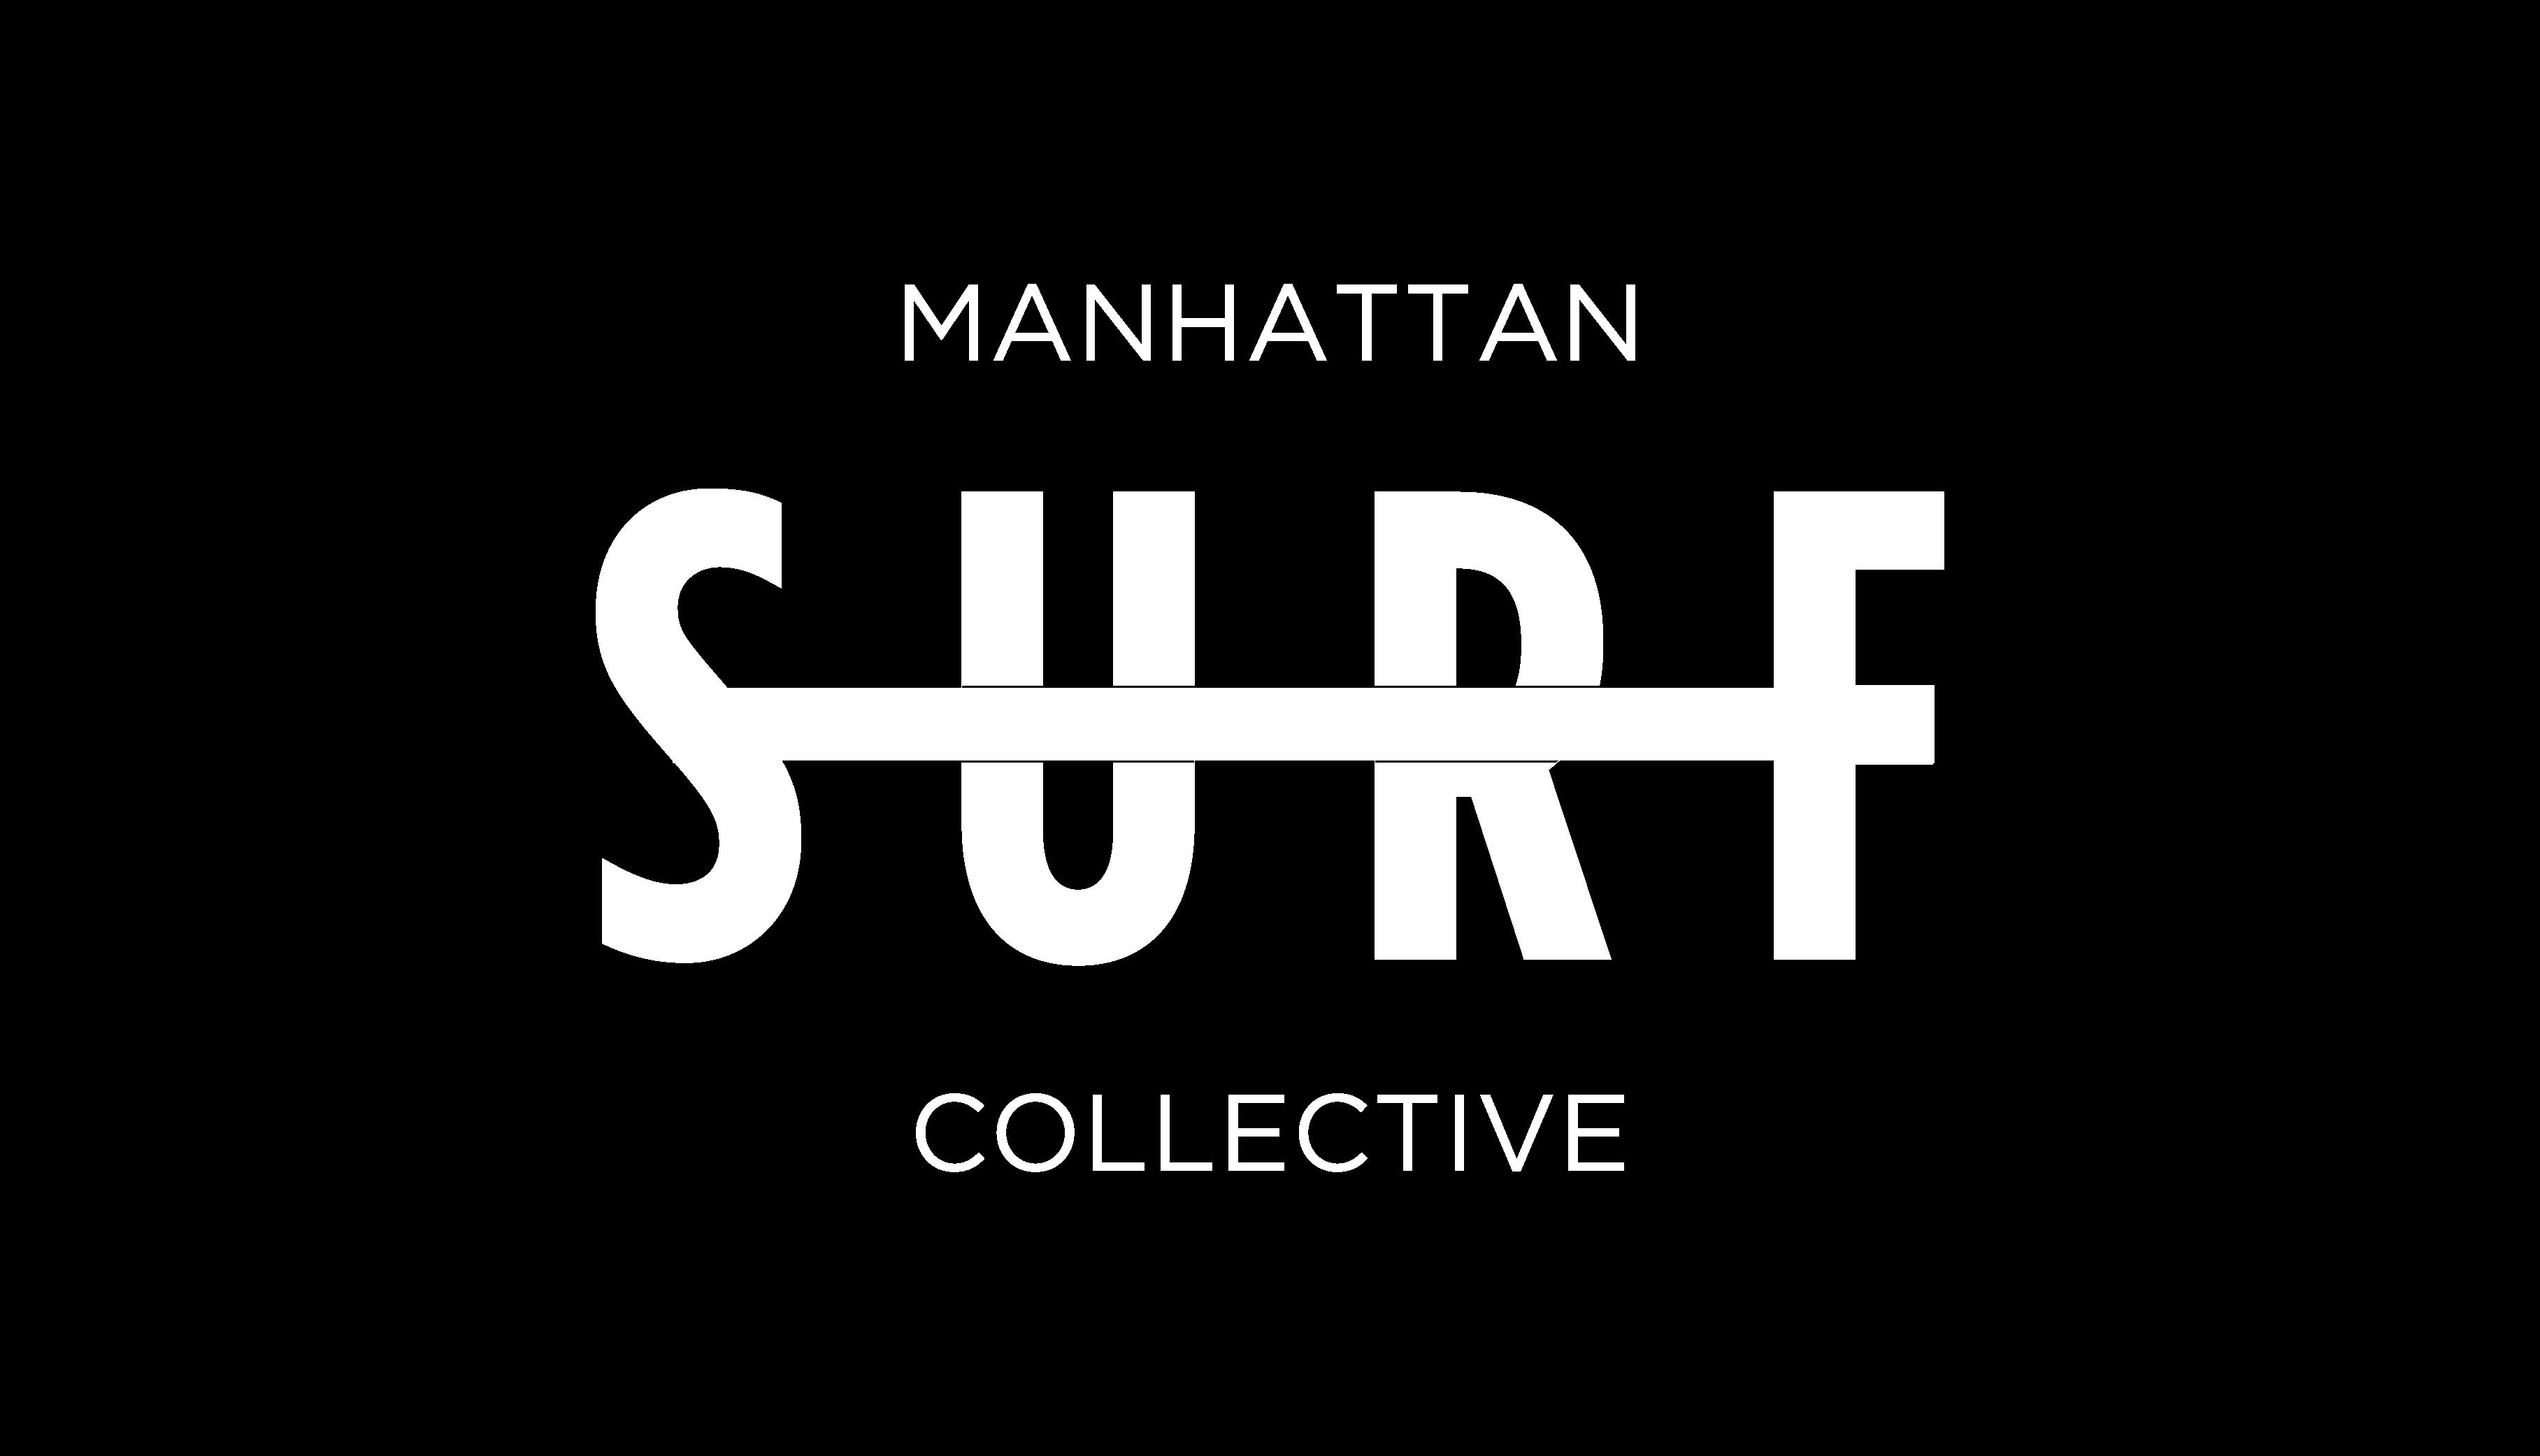 Manhattan Surf Collective-03